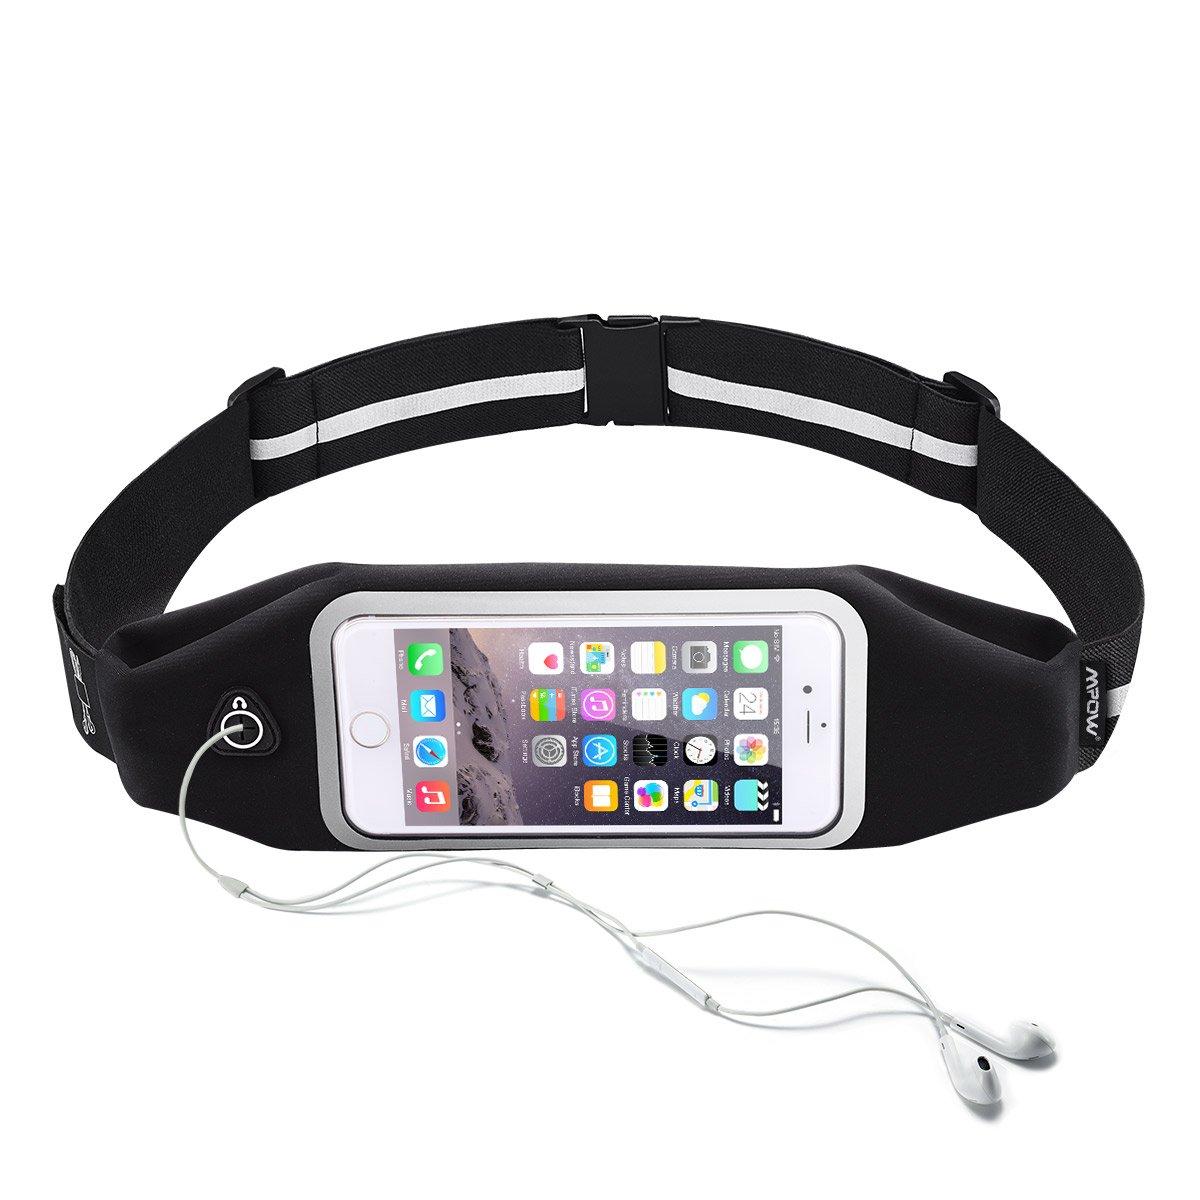 Handy Lauftasche, Mpow Sport Lauftasche Wasserdichte Sport Hüfttasche mit reflektierenden Streifen für iPhone 7/ 6 /6S /SE /5S /5 usw bis zu 6 zoll